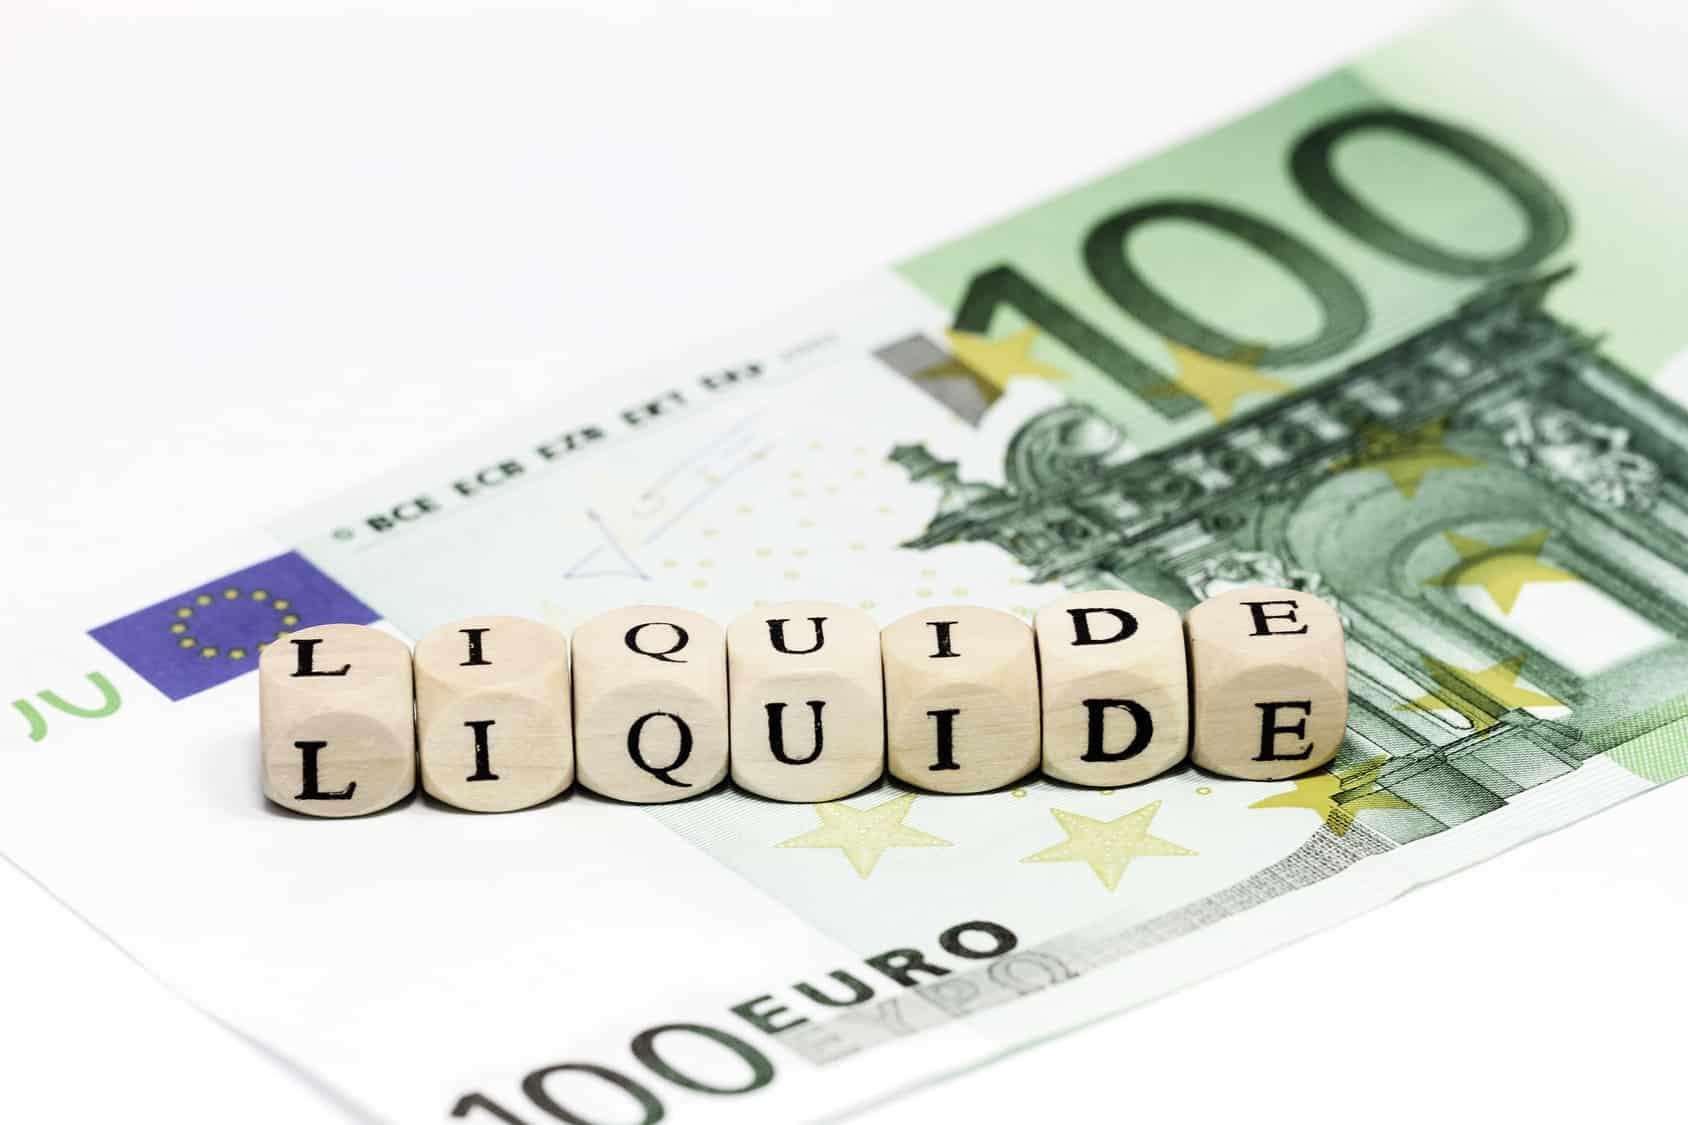 Liquiditätsplanung - Effektiv, übersichtlich und einfach